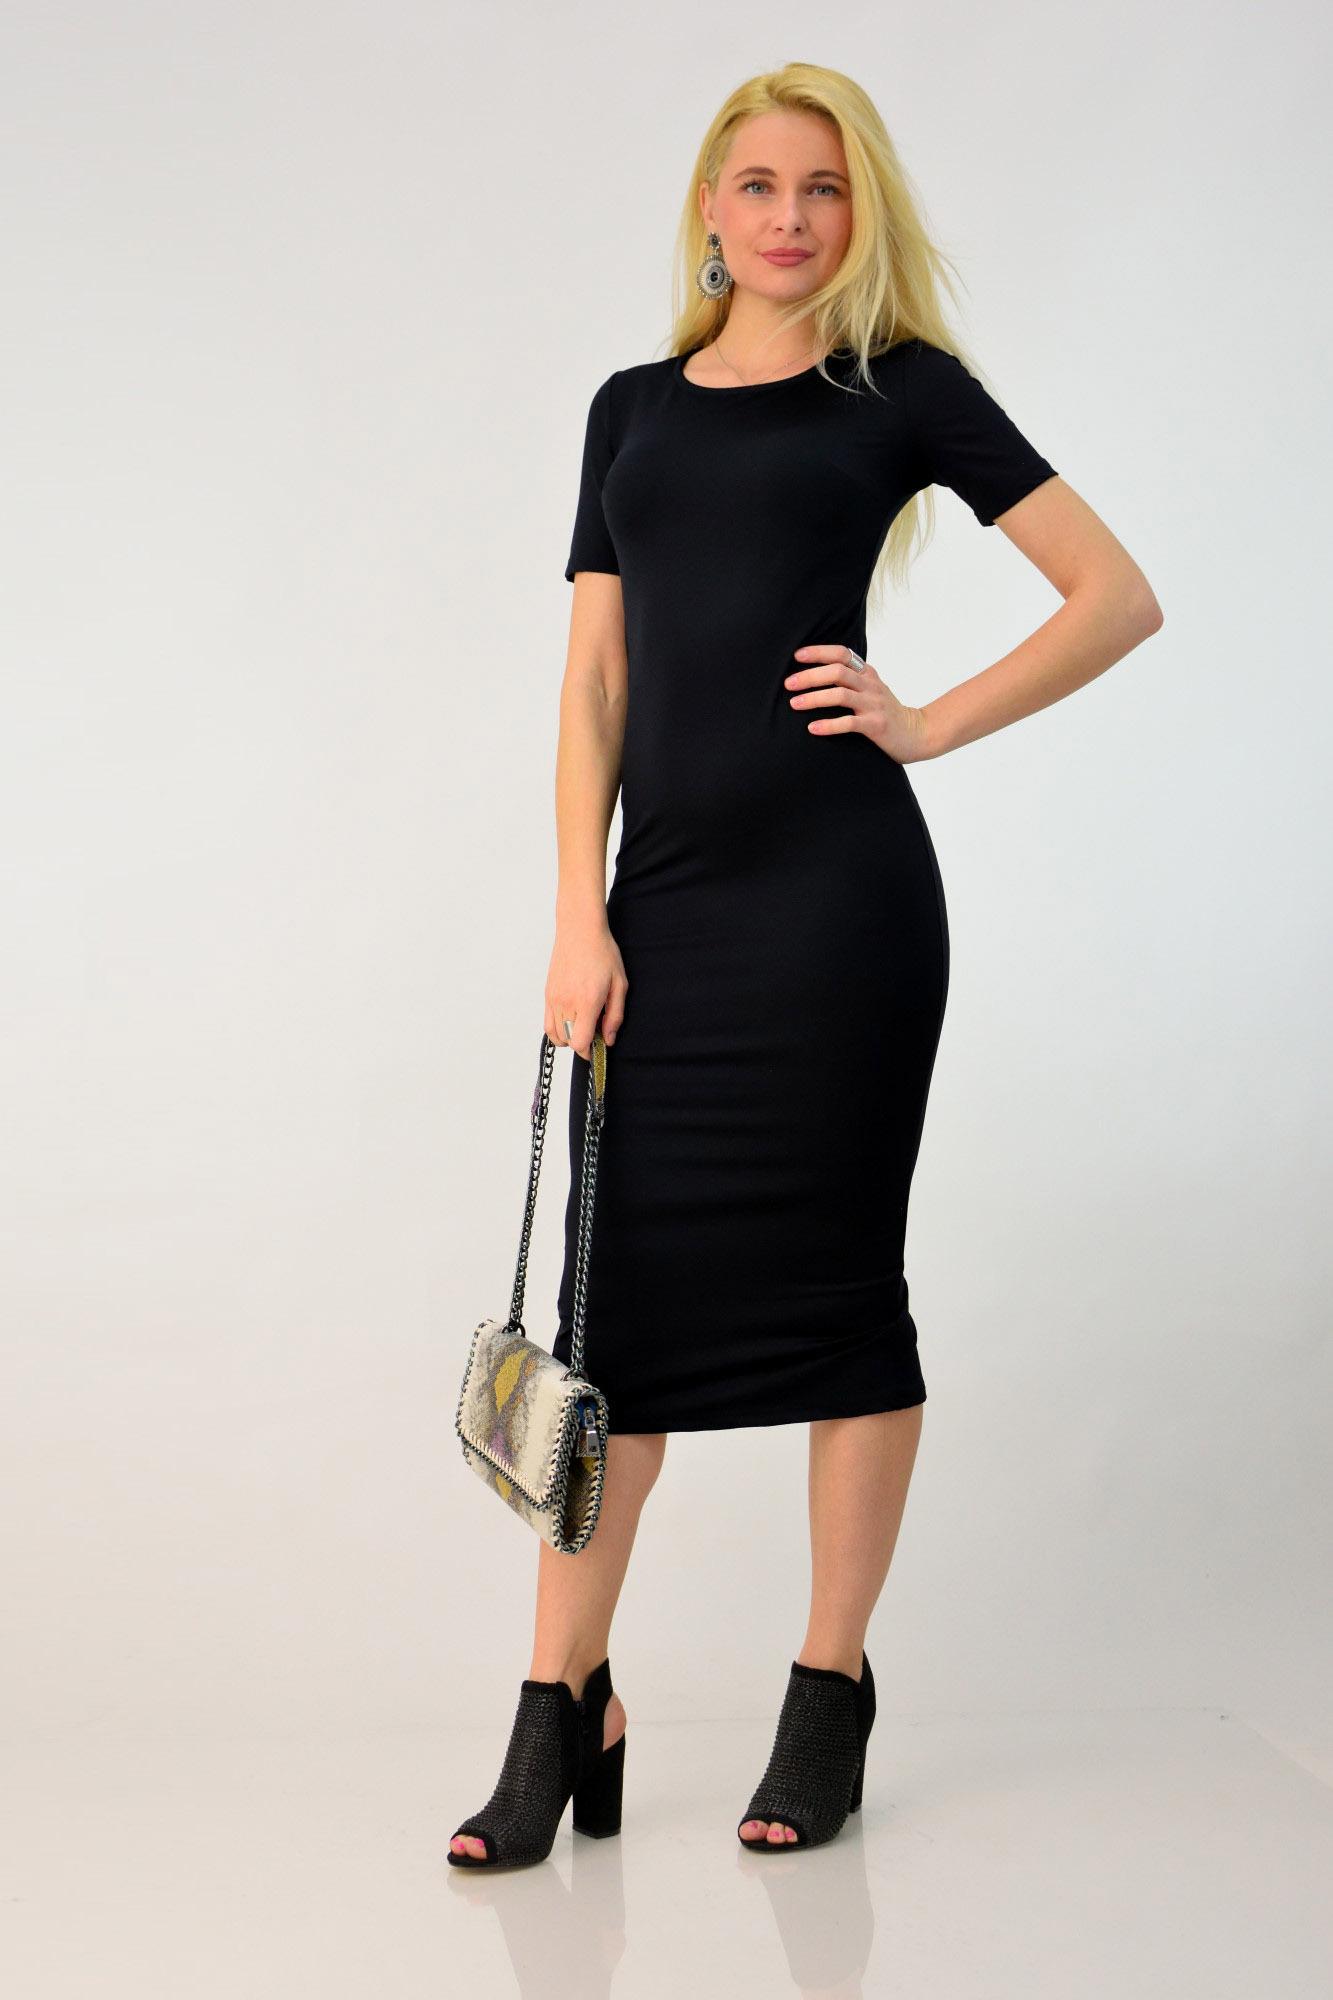 a92b63b71c5a Γυναικείο φόρεμα εφαρμοστο midi